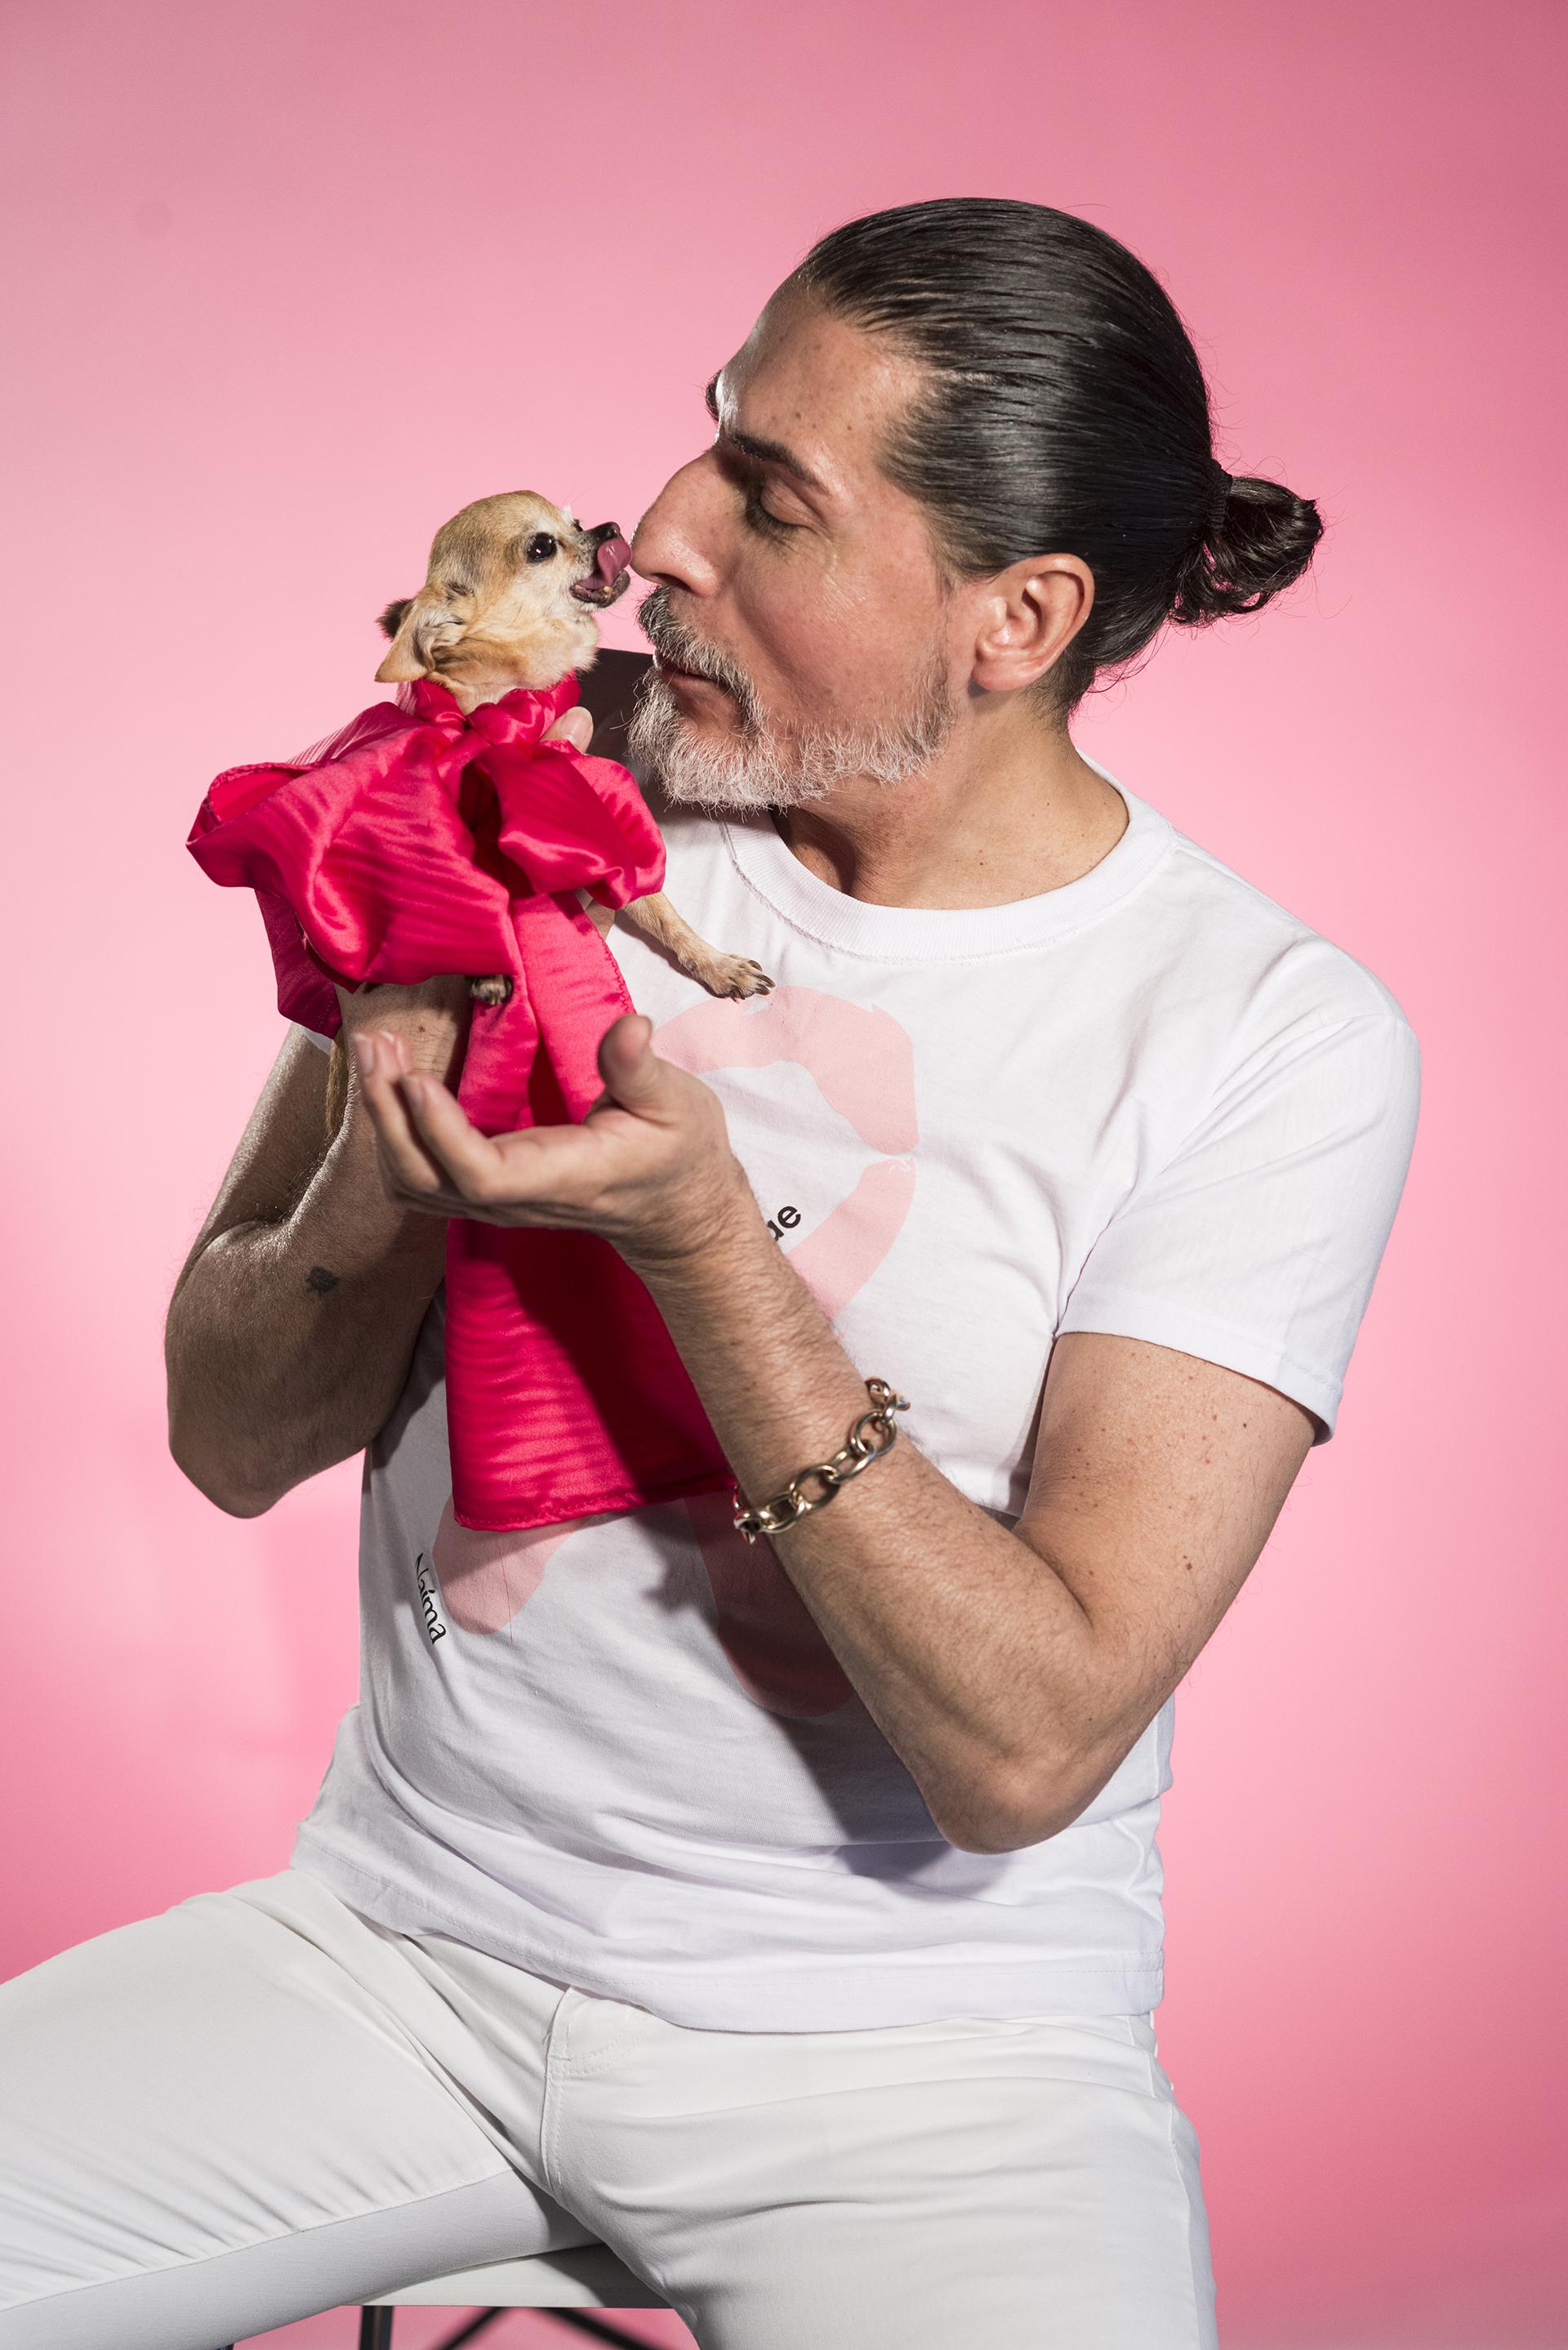 El diseñador argentino César Juricich junto a su incondicional chihuaha Indra. El especialista en moda sostiene: 'Hay que sentirse bien desde adentro para verse bien desde afuera'